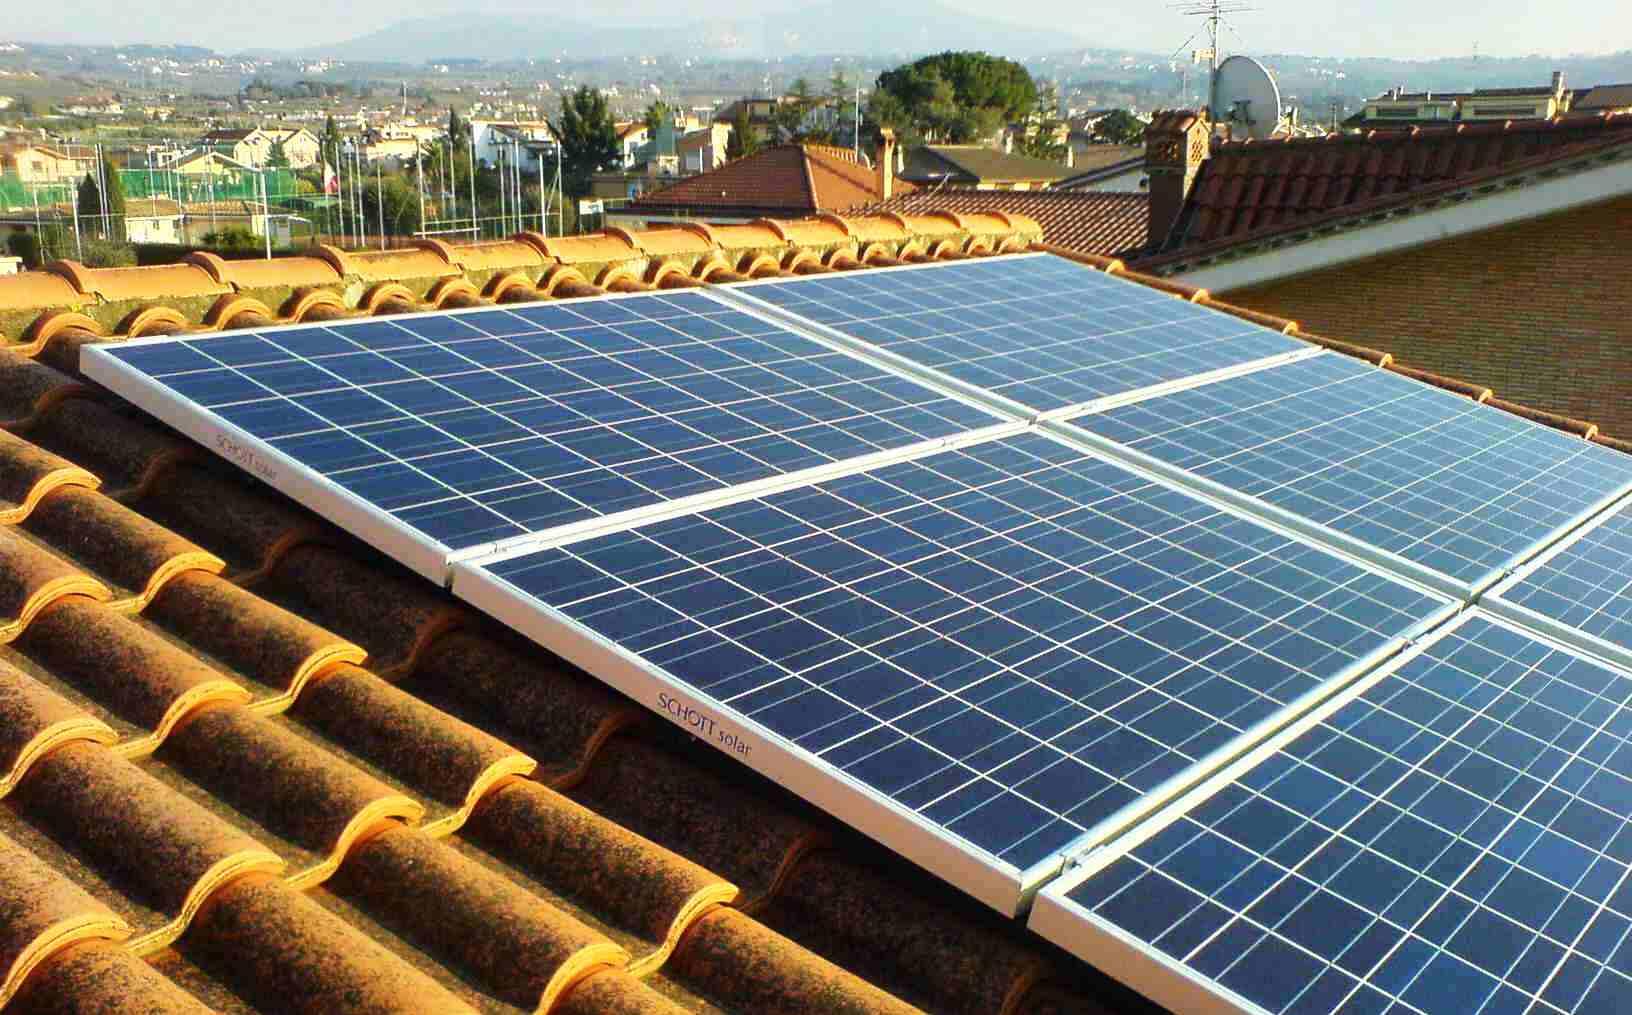 Fotovoltaico: la Germania incentiva i piccoli impianti domestici